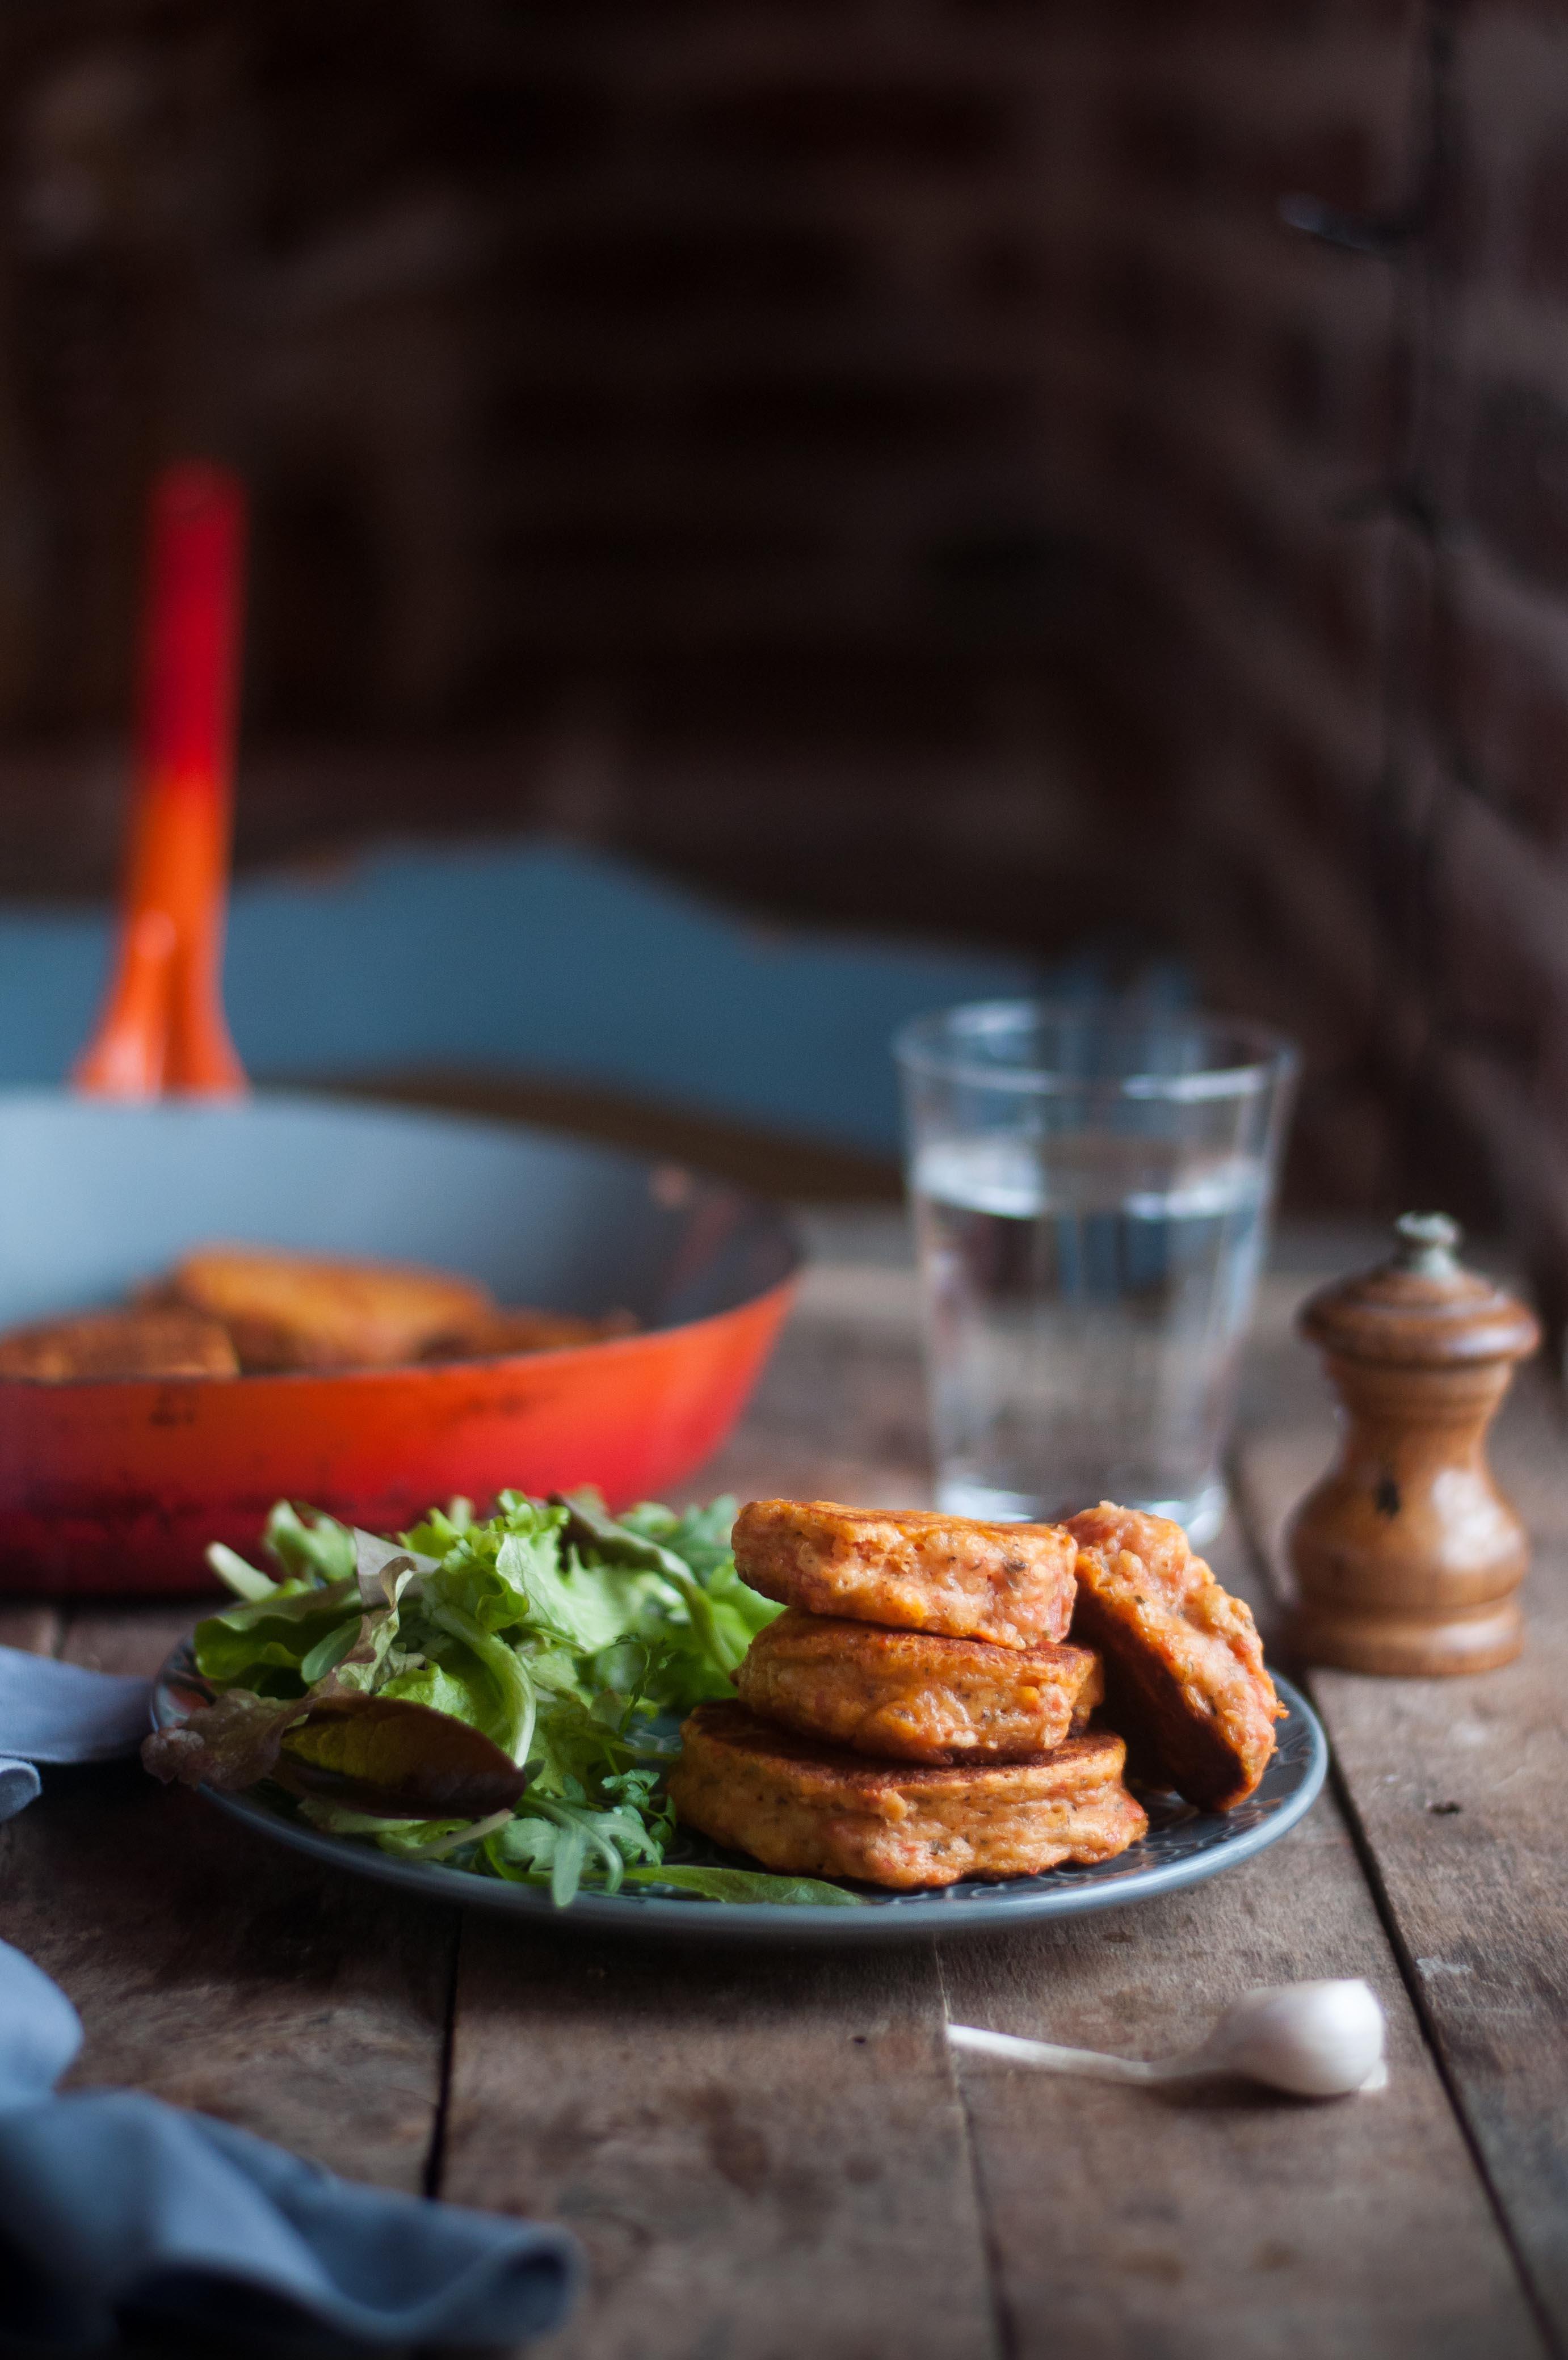 Idée Repas Pour Deux Amoureux pressé, fauché, mal équipé… mais gourmand ! } | saines